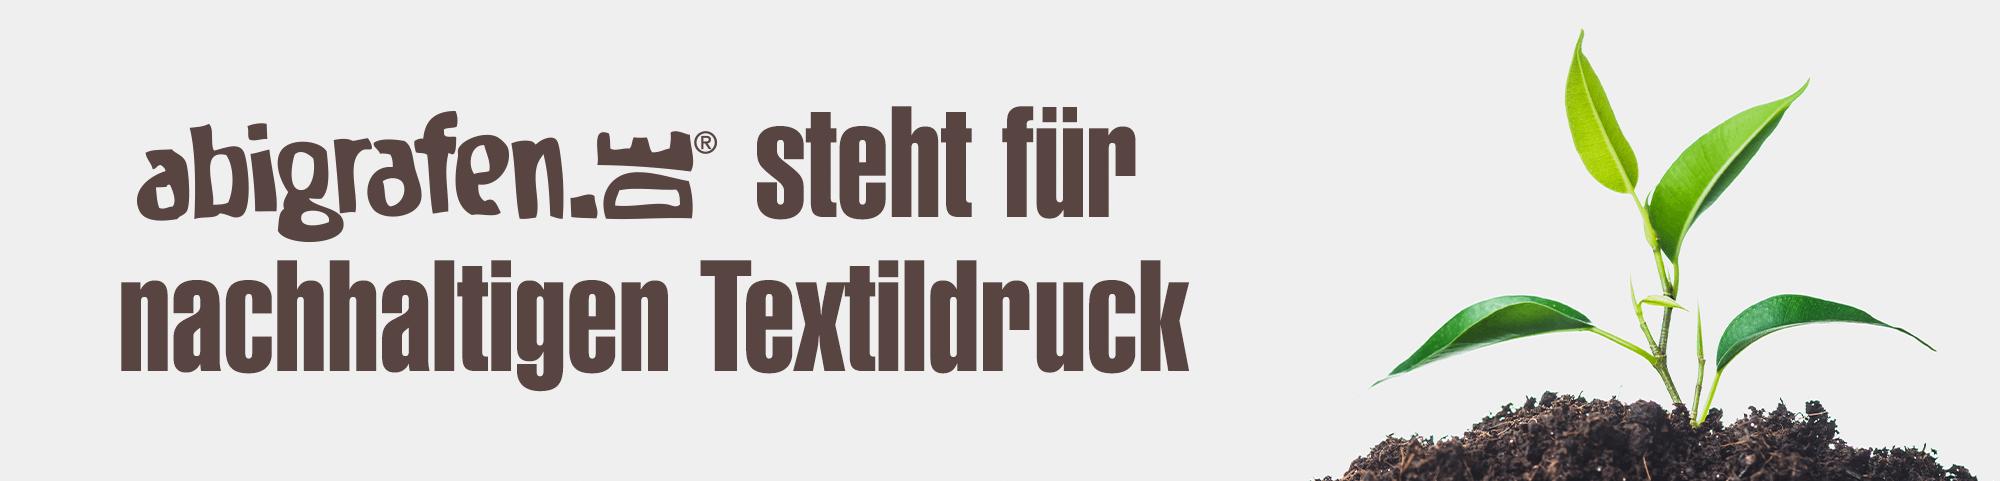 Nachhaltiger Textildruck * fairwear*vegan* Abishop abigrafen.de®